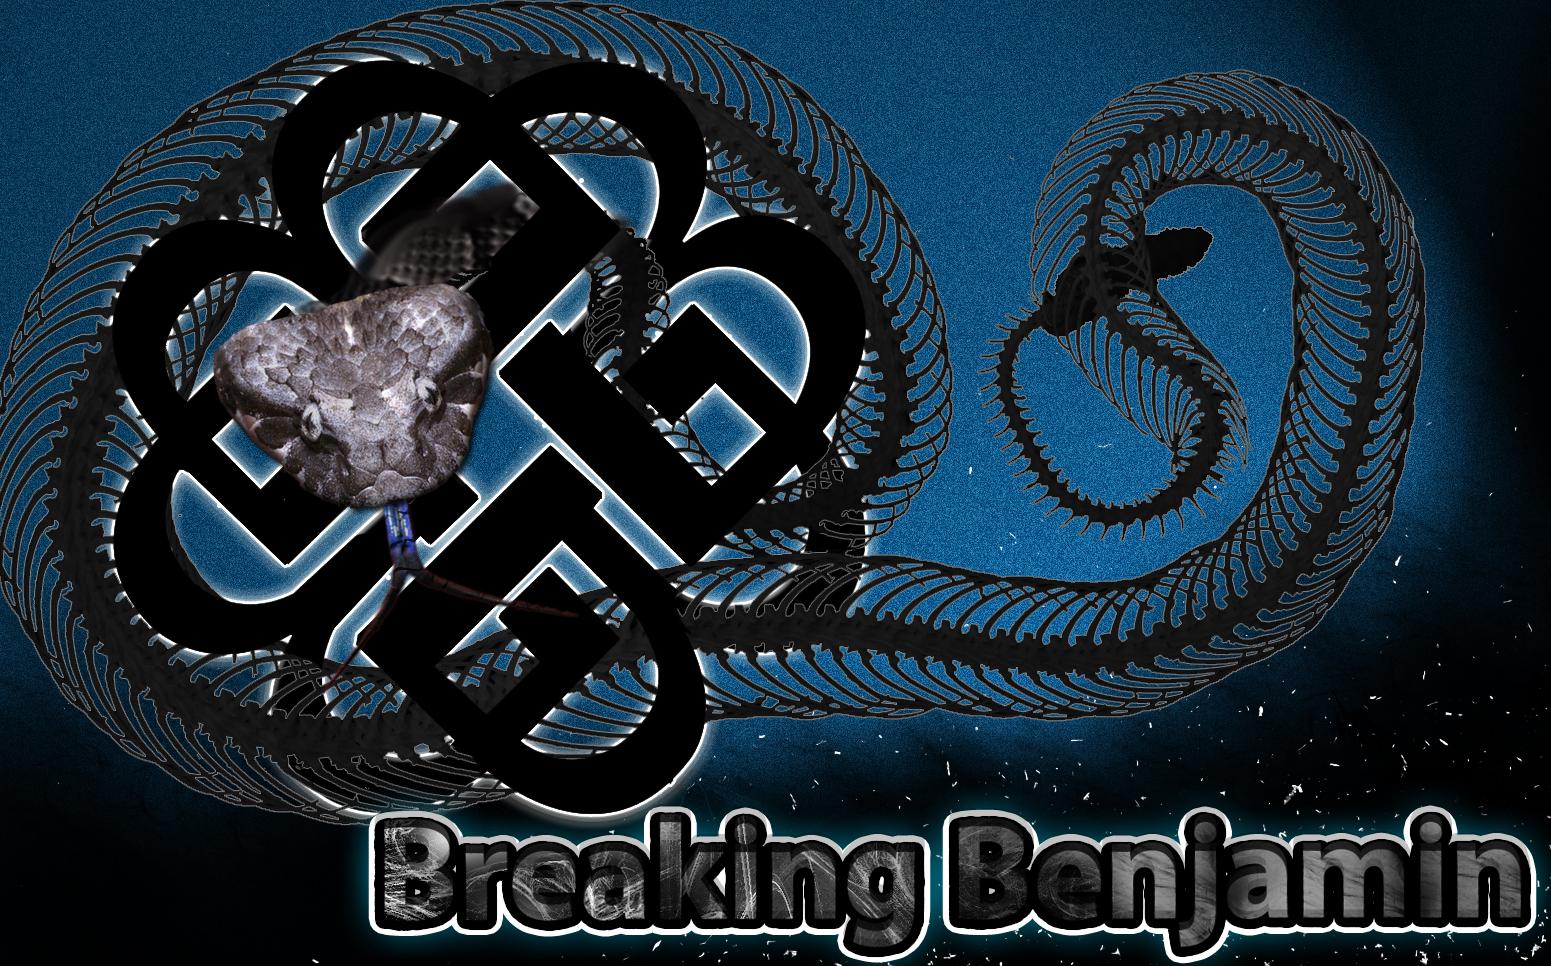 breaking benjamin wallpaper dear agony 1551x966